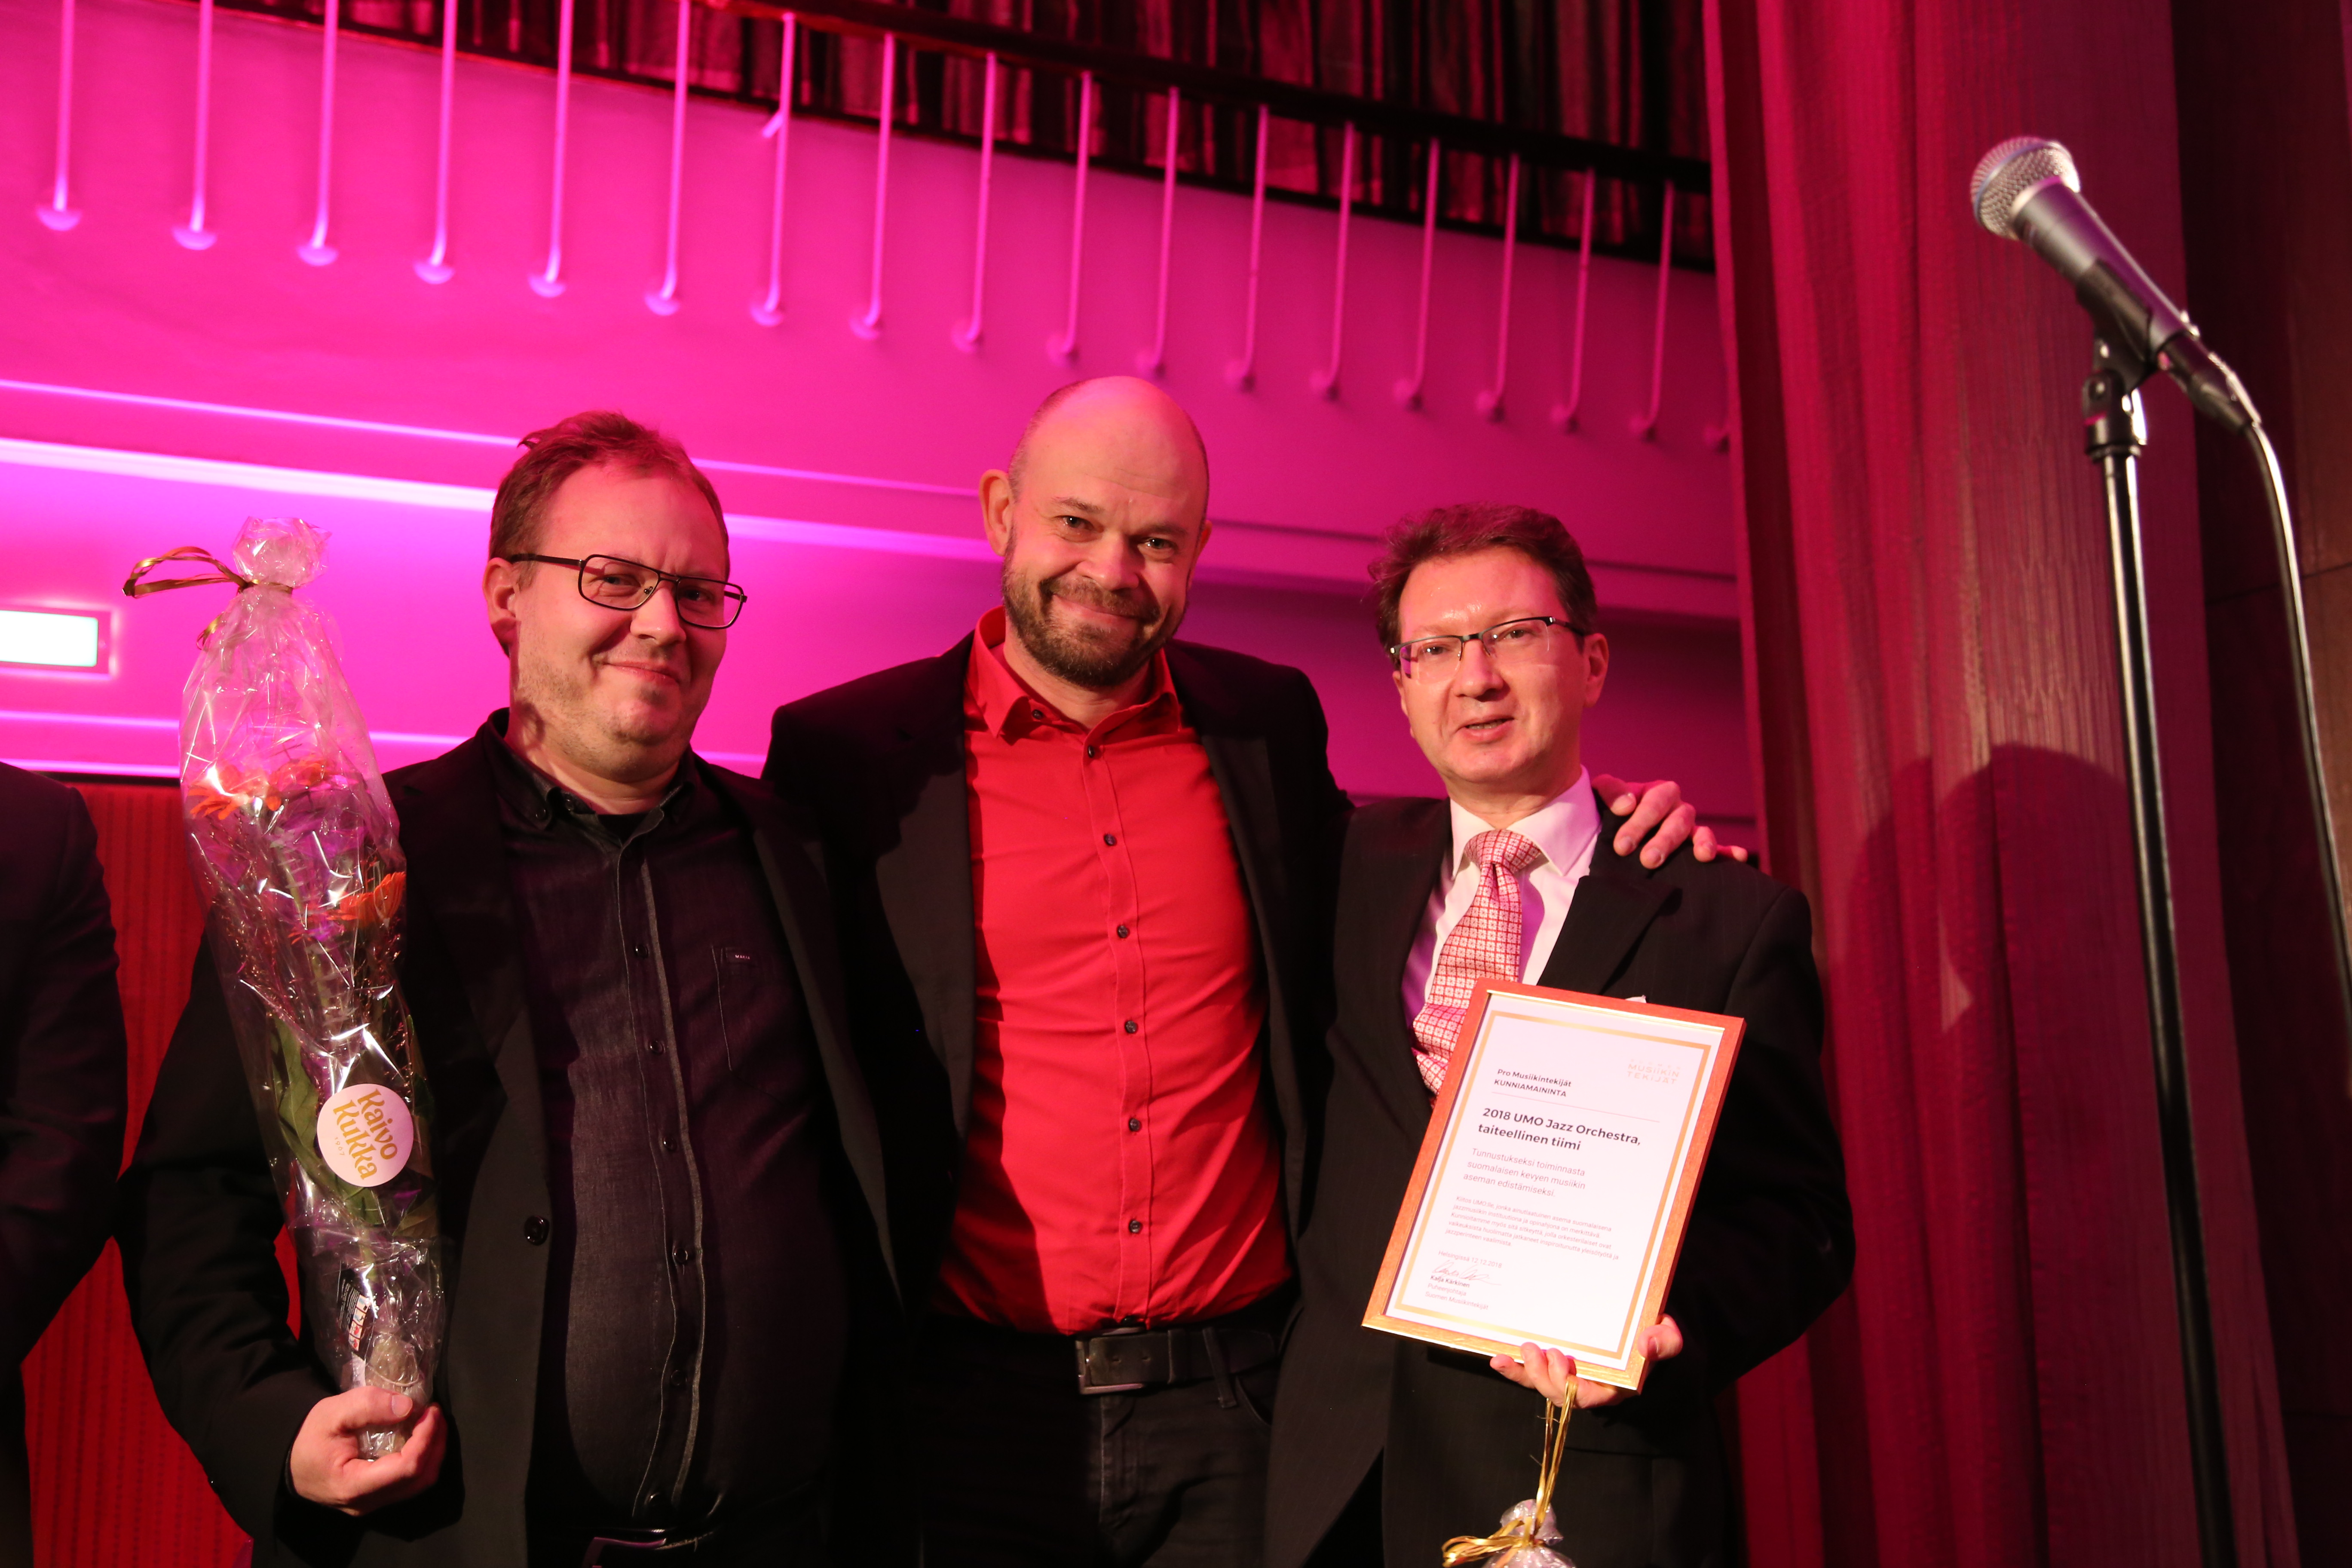 Suomen Musiikintekijöiden Pro Musiikintekijät –kunniamaininta myönnettiin UMO Jazz Orchestran taiteelliselle tiimille